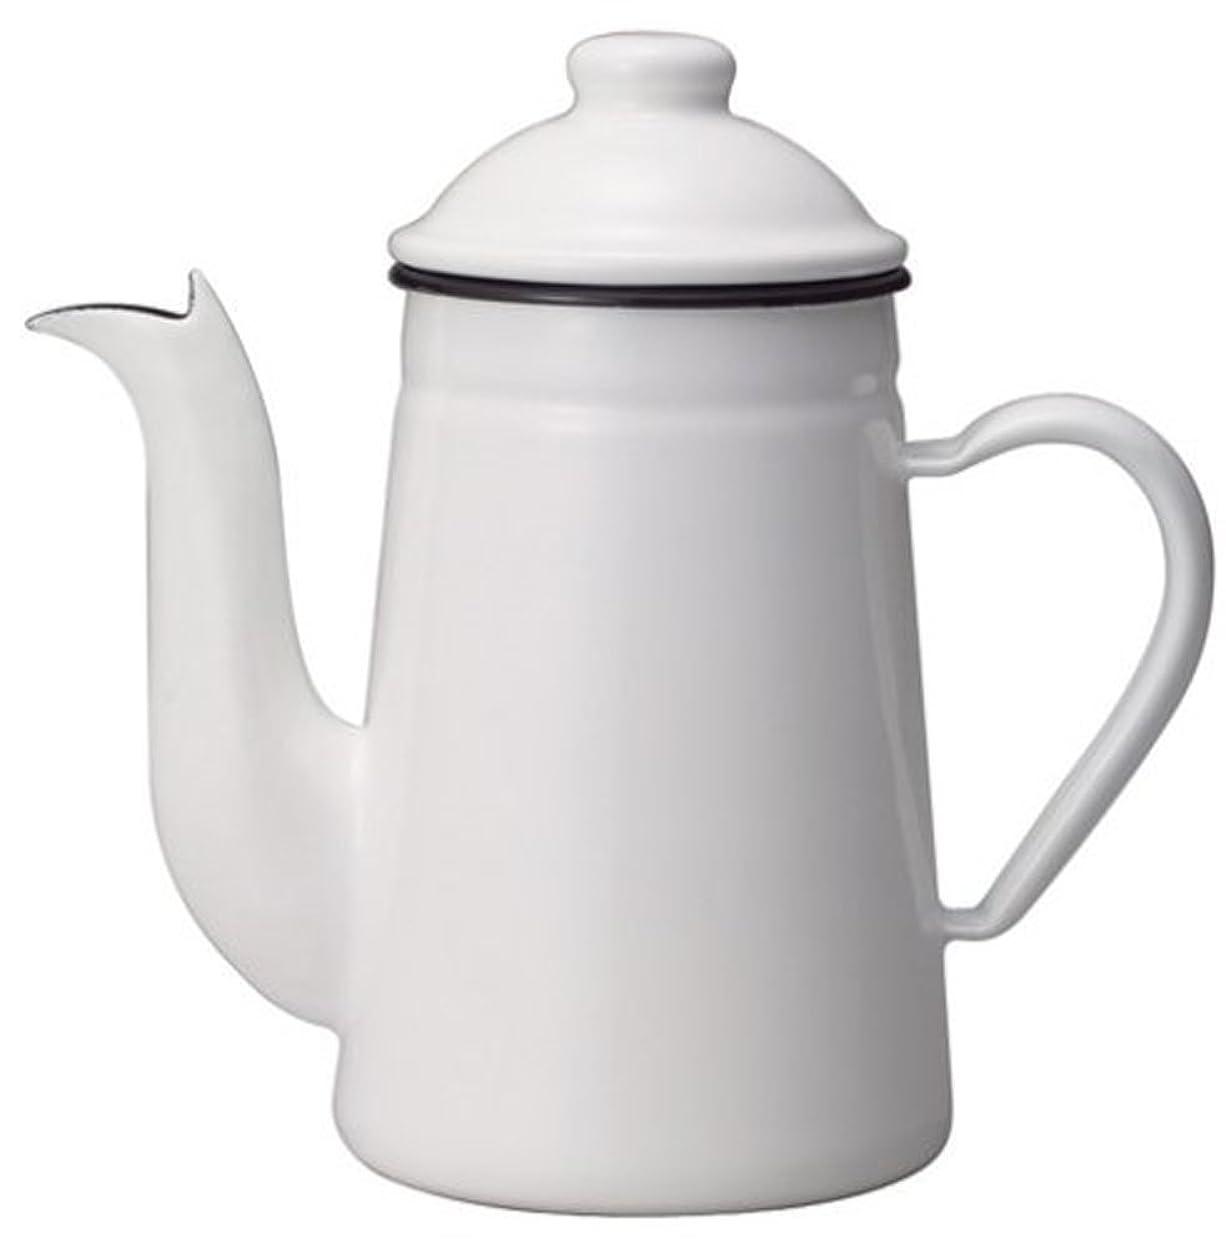 列挙するビーズ保護カリタ コーヒーポット ホーロー製 コーヒ-達人 ペリカン 1L ホワイト #52125